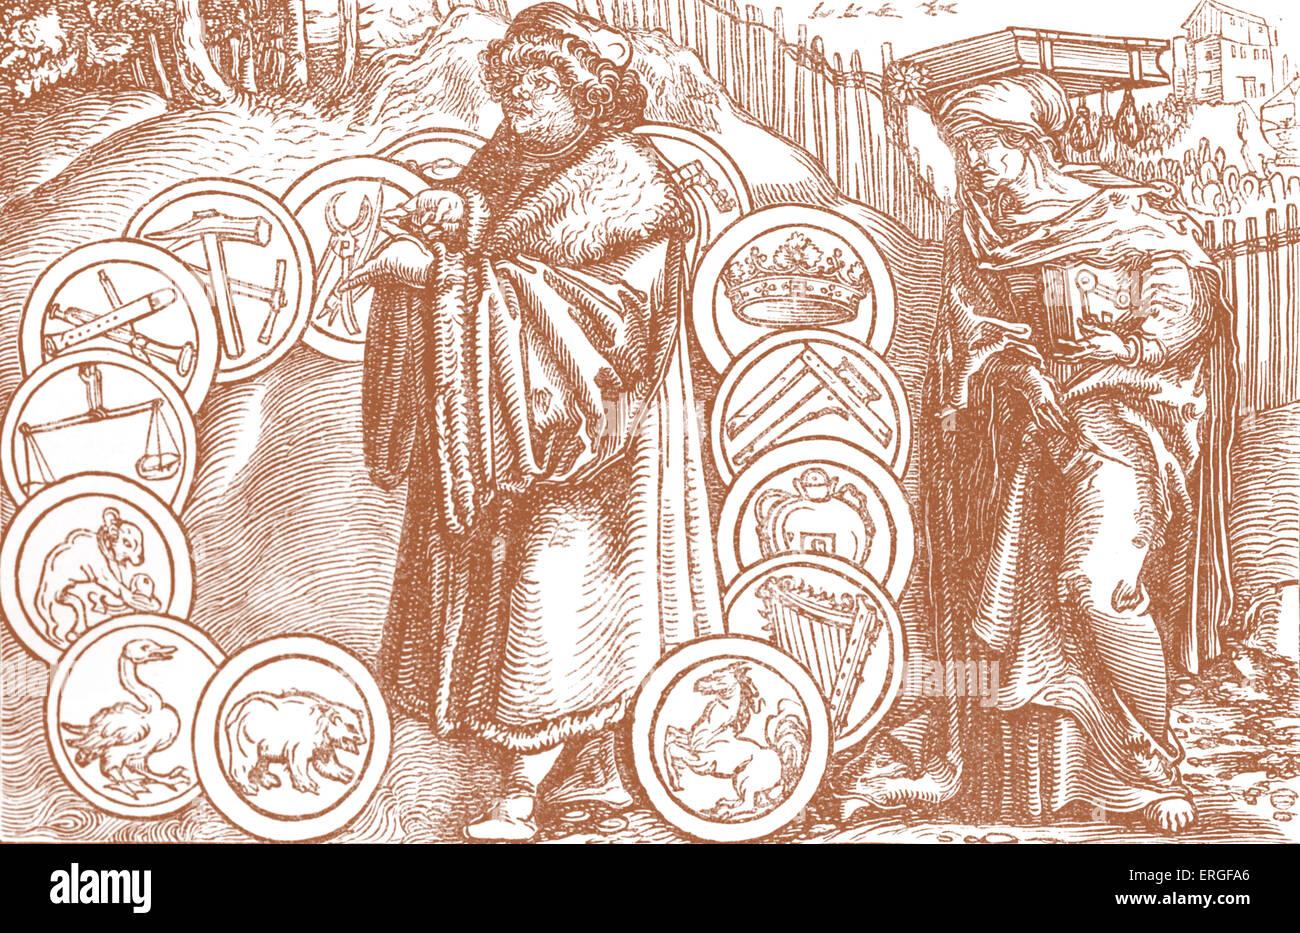 """""""Die Naturwissenschaften im Beisein von Philosophie"""". Von Faksimile des Holzstichs zugeschrieben Holbein Stockbild"""